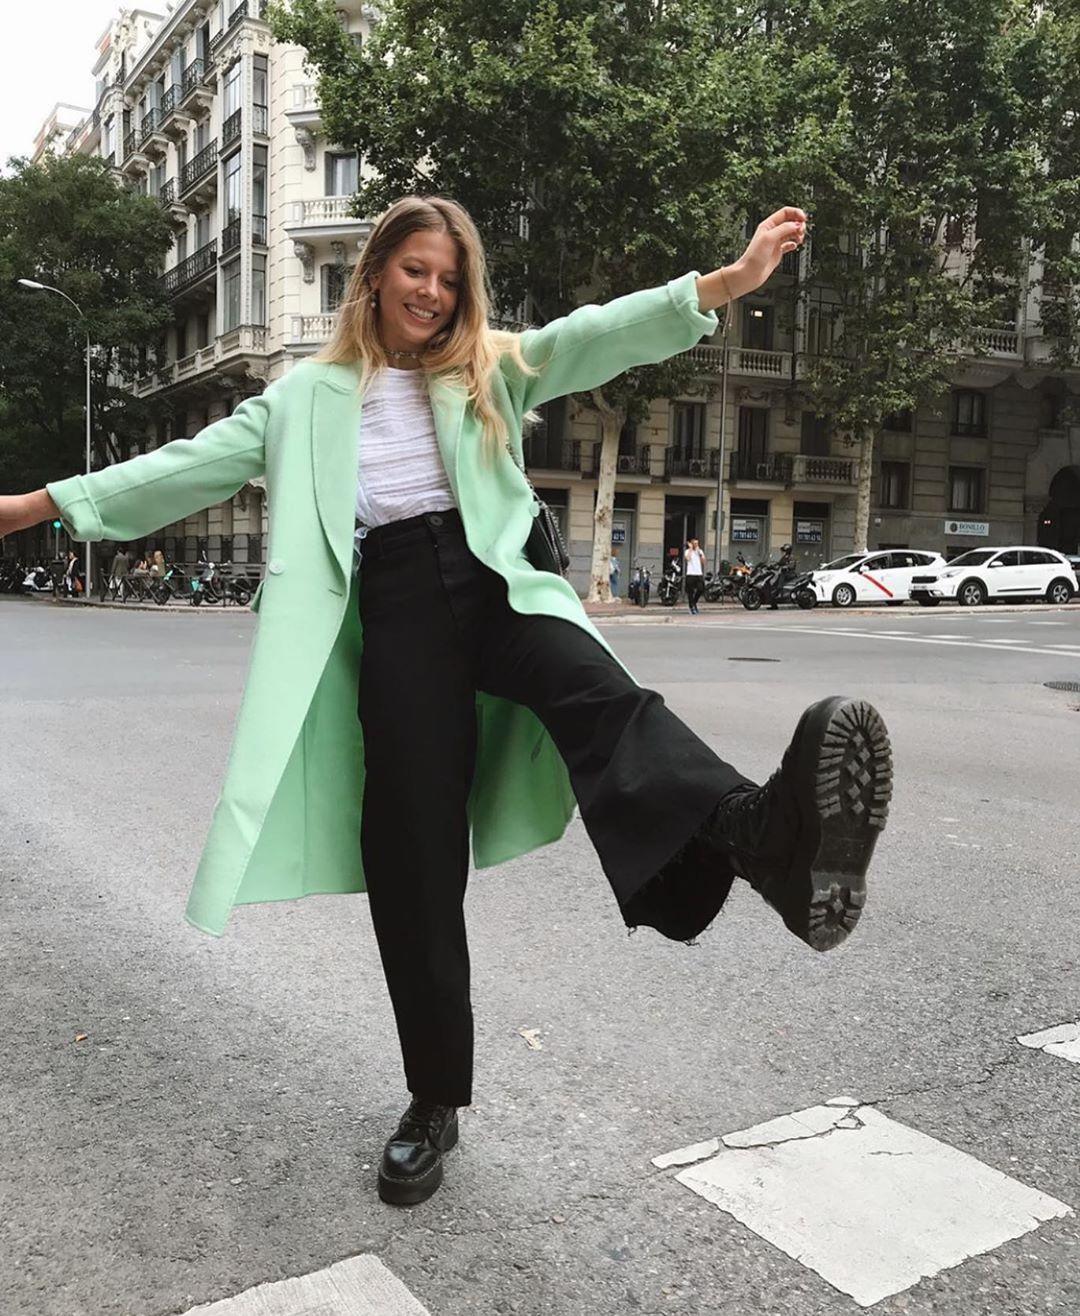 manteau avec poches à rabat de Zara sur zara.outfits